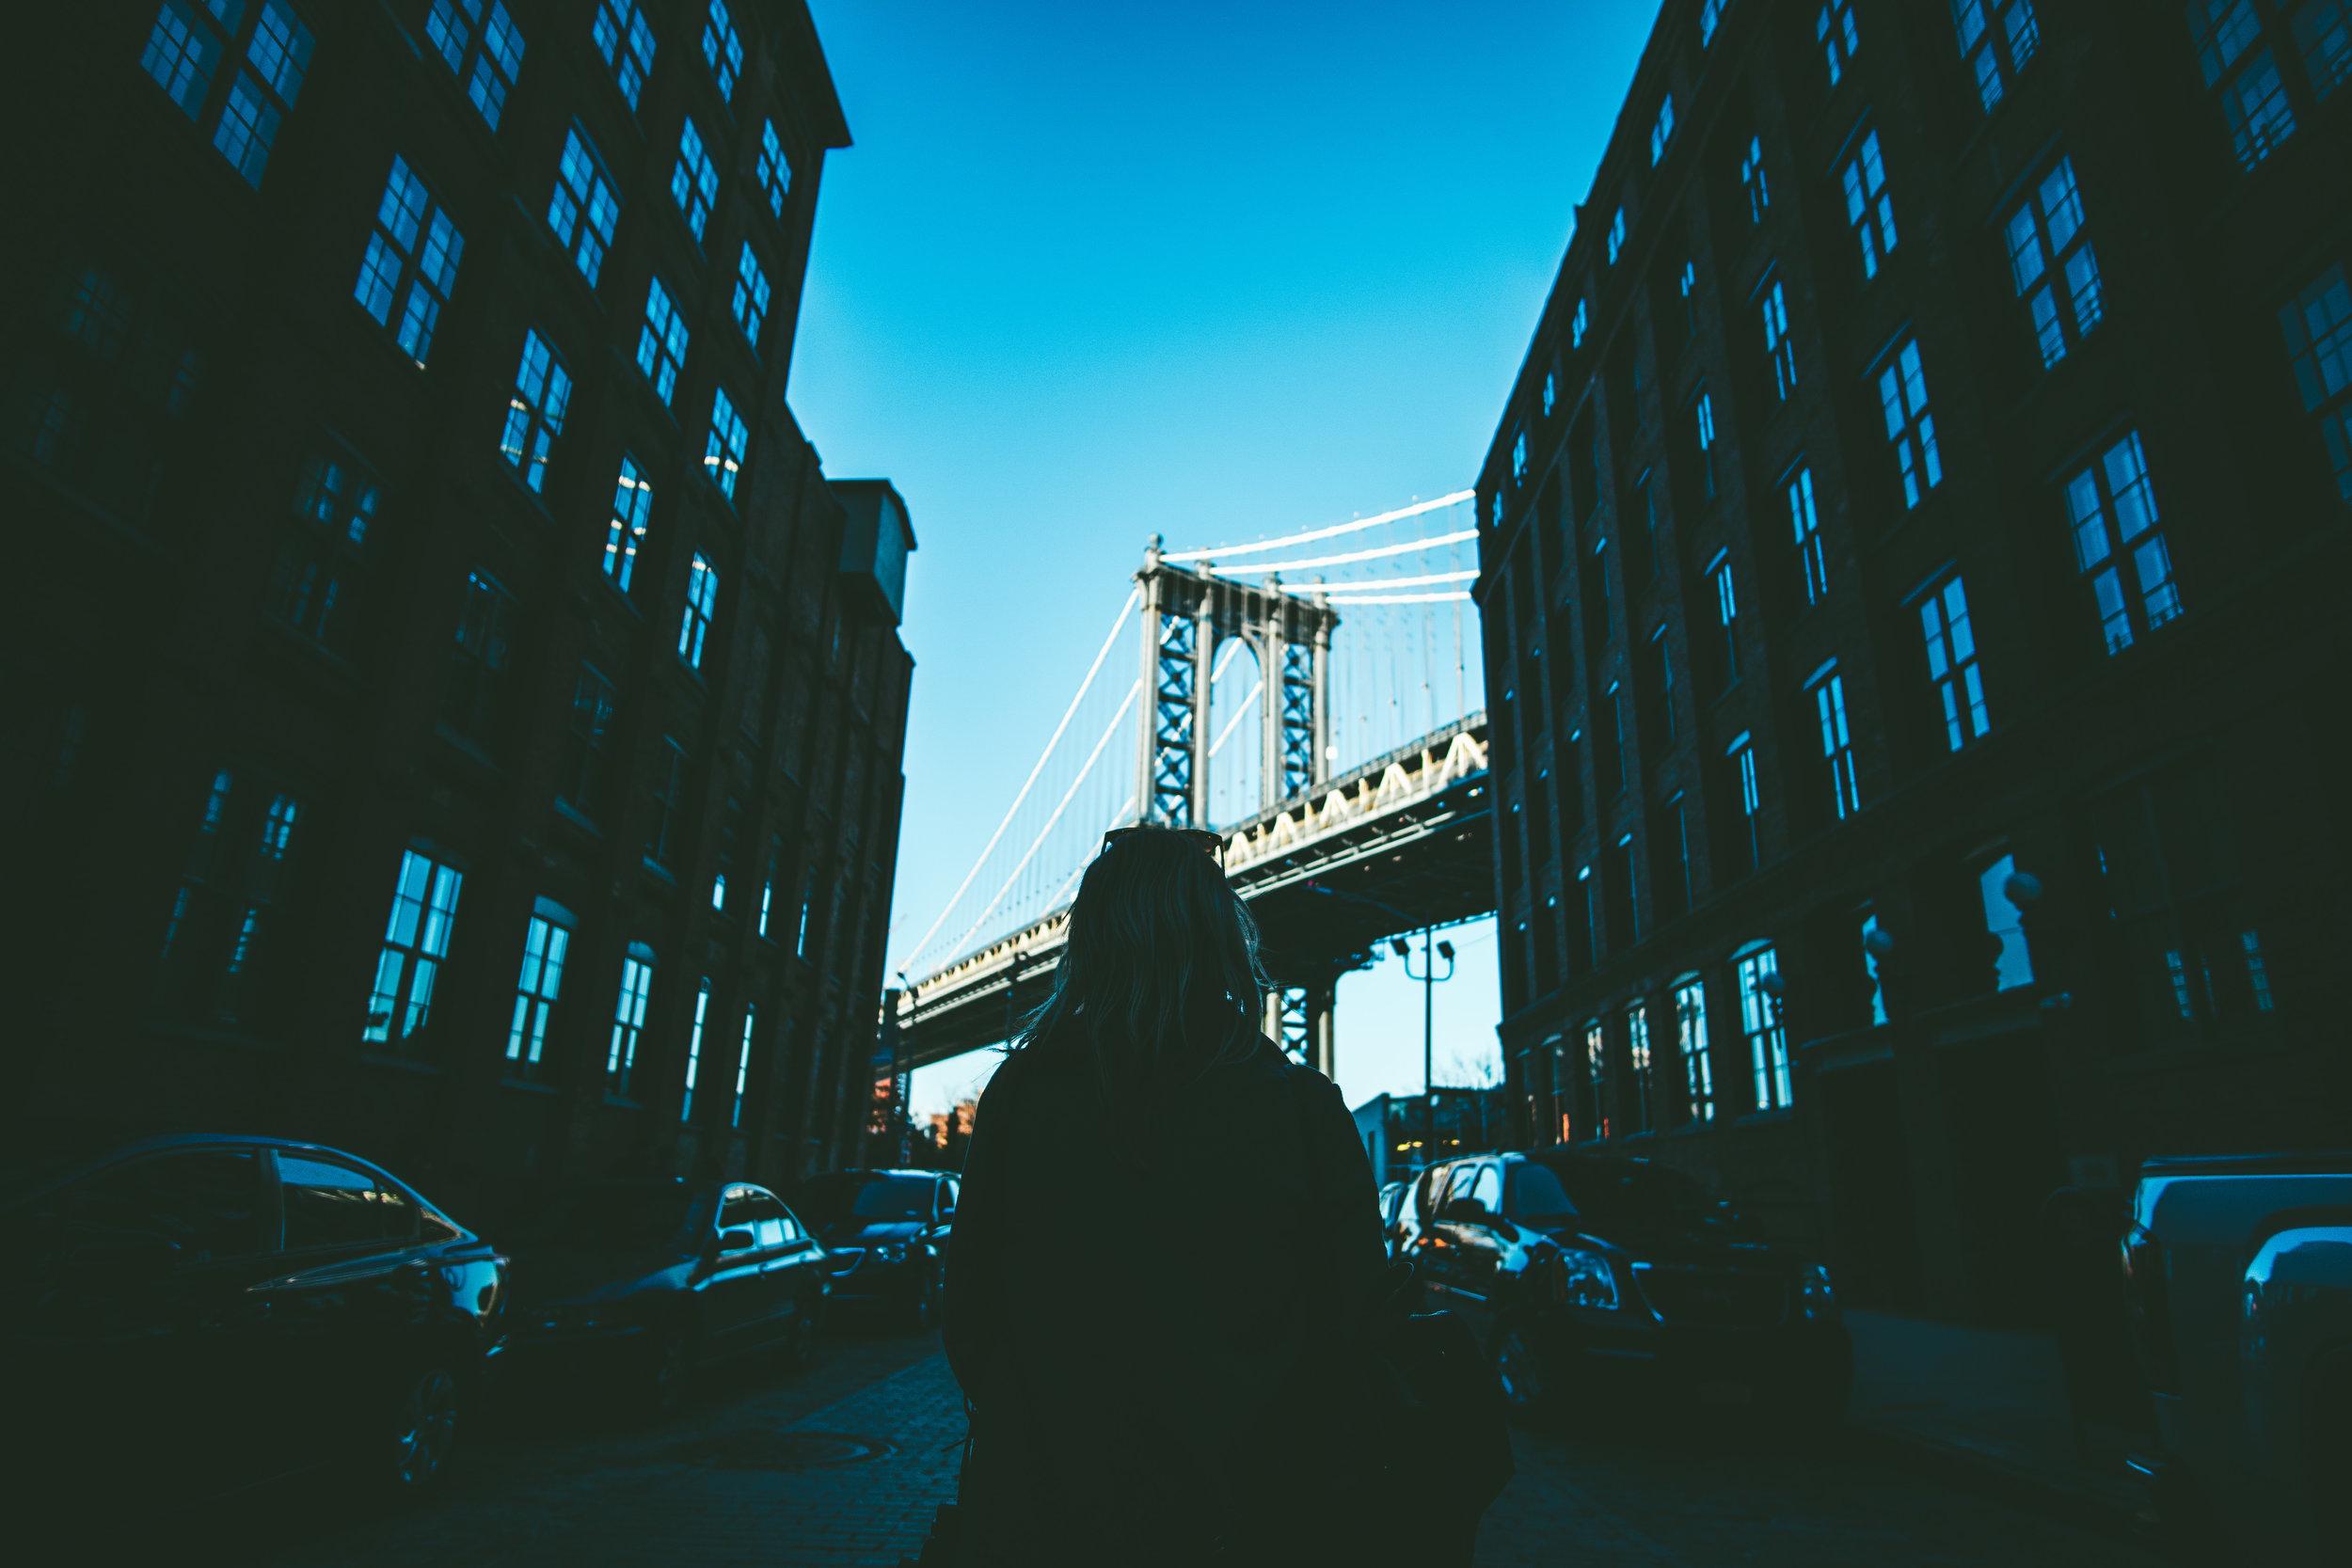 newyork-07259.jpg